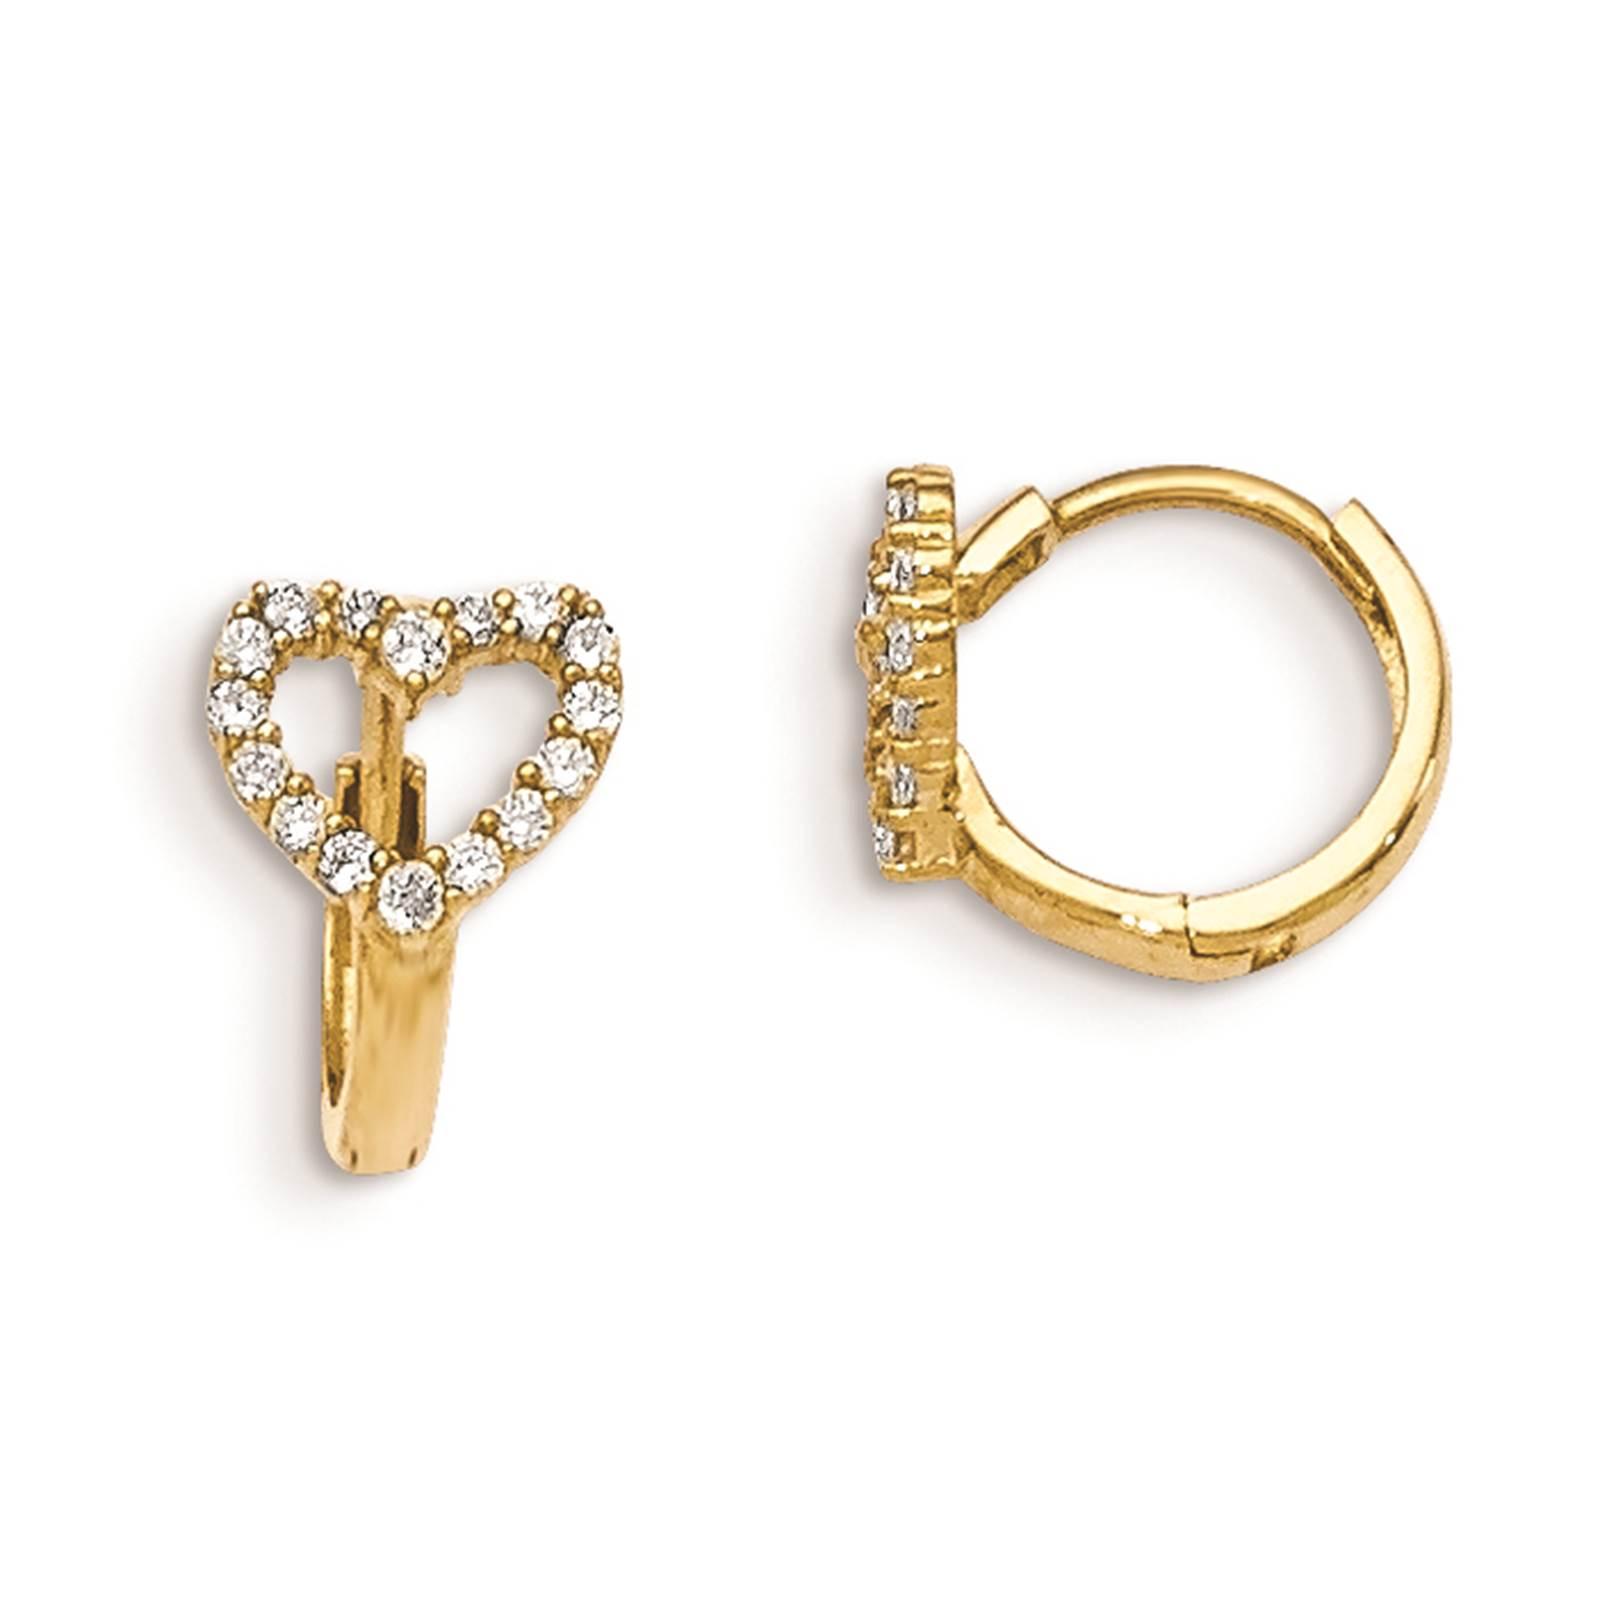 Madi K Kids 14k Yellow Gold Children's Hinged Hoop Heart Earrings